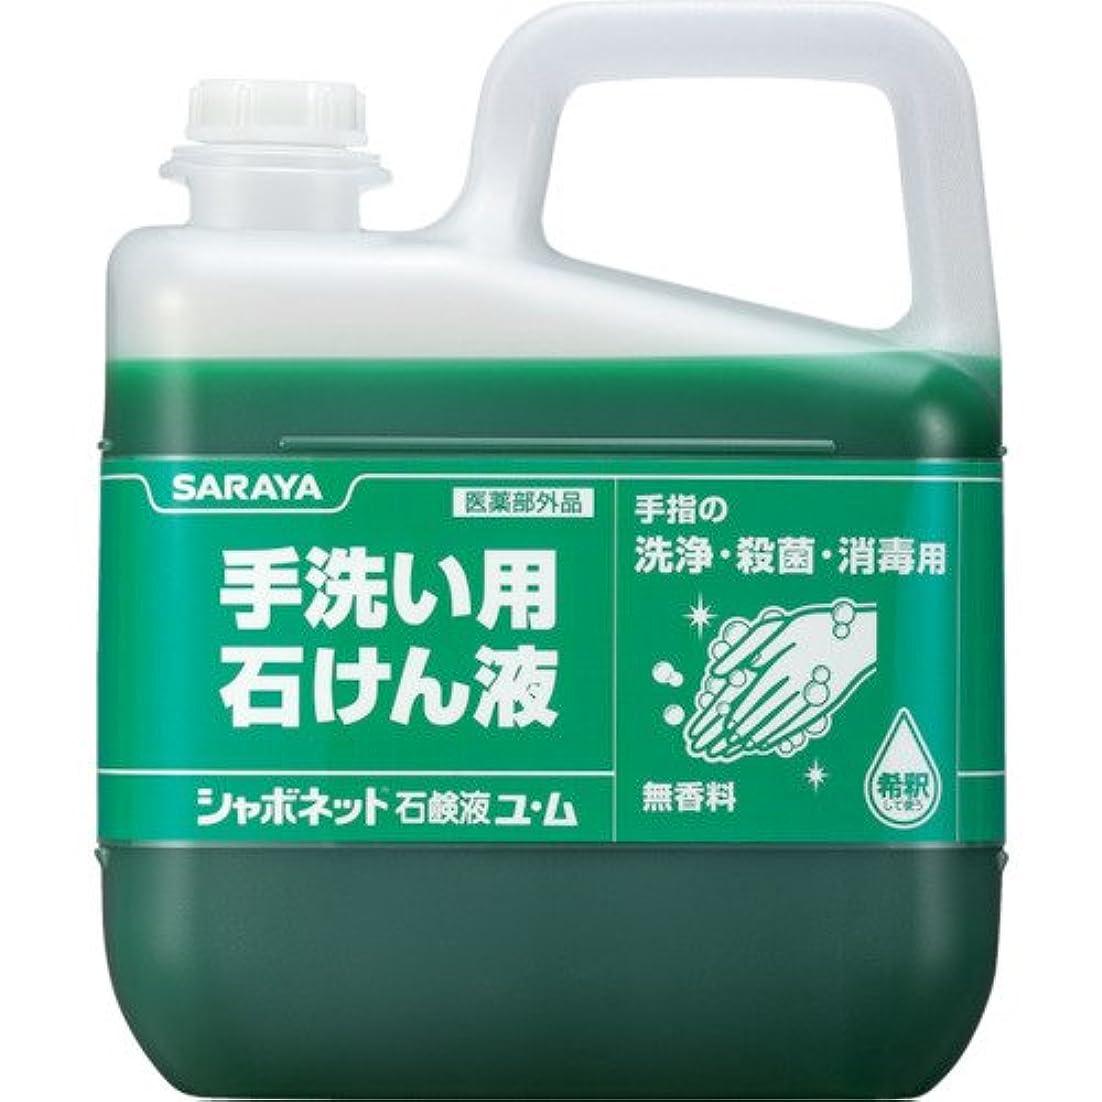 寸前リース火炎サラヤ ハンドソープ シャボネット石鹸液ユ?ム 5kg